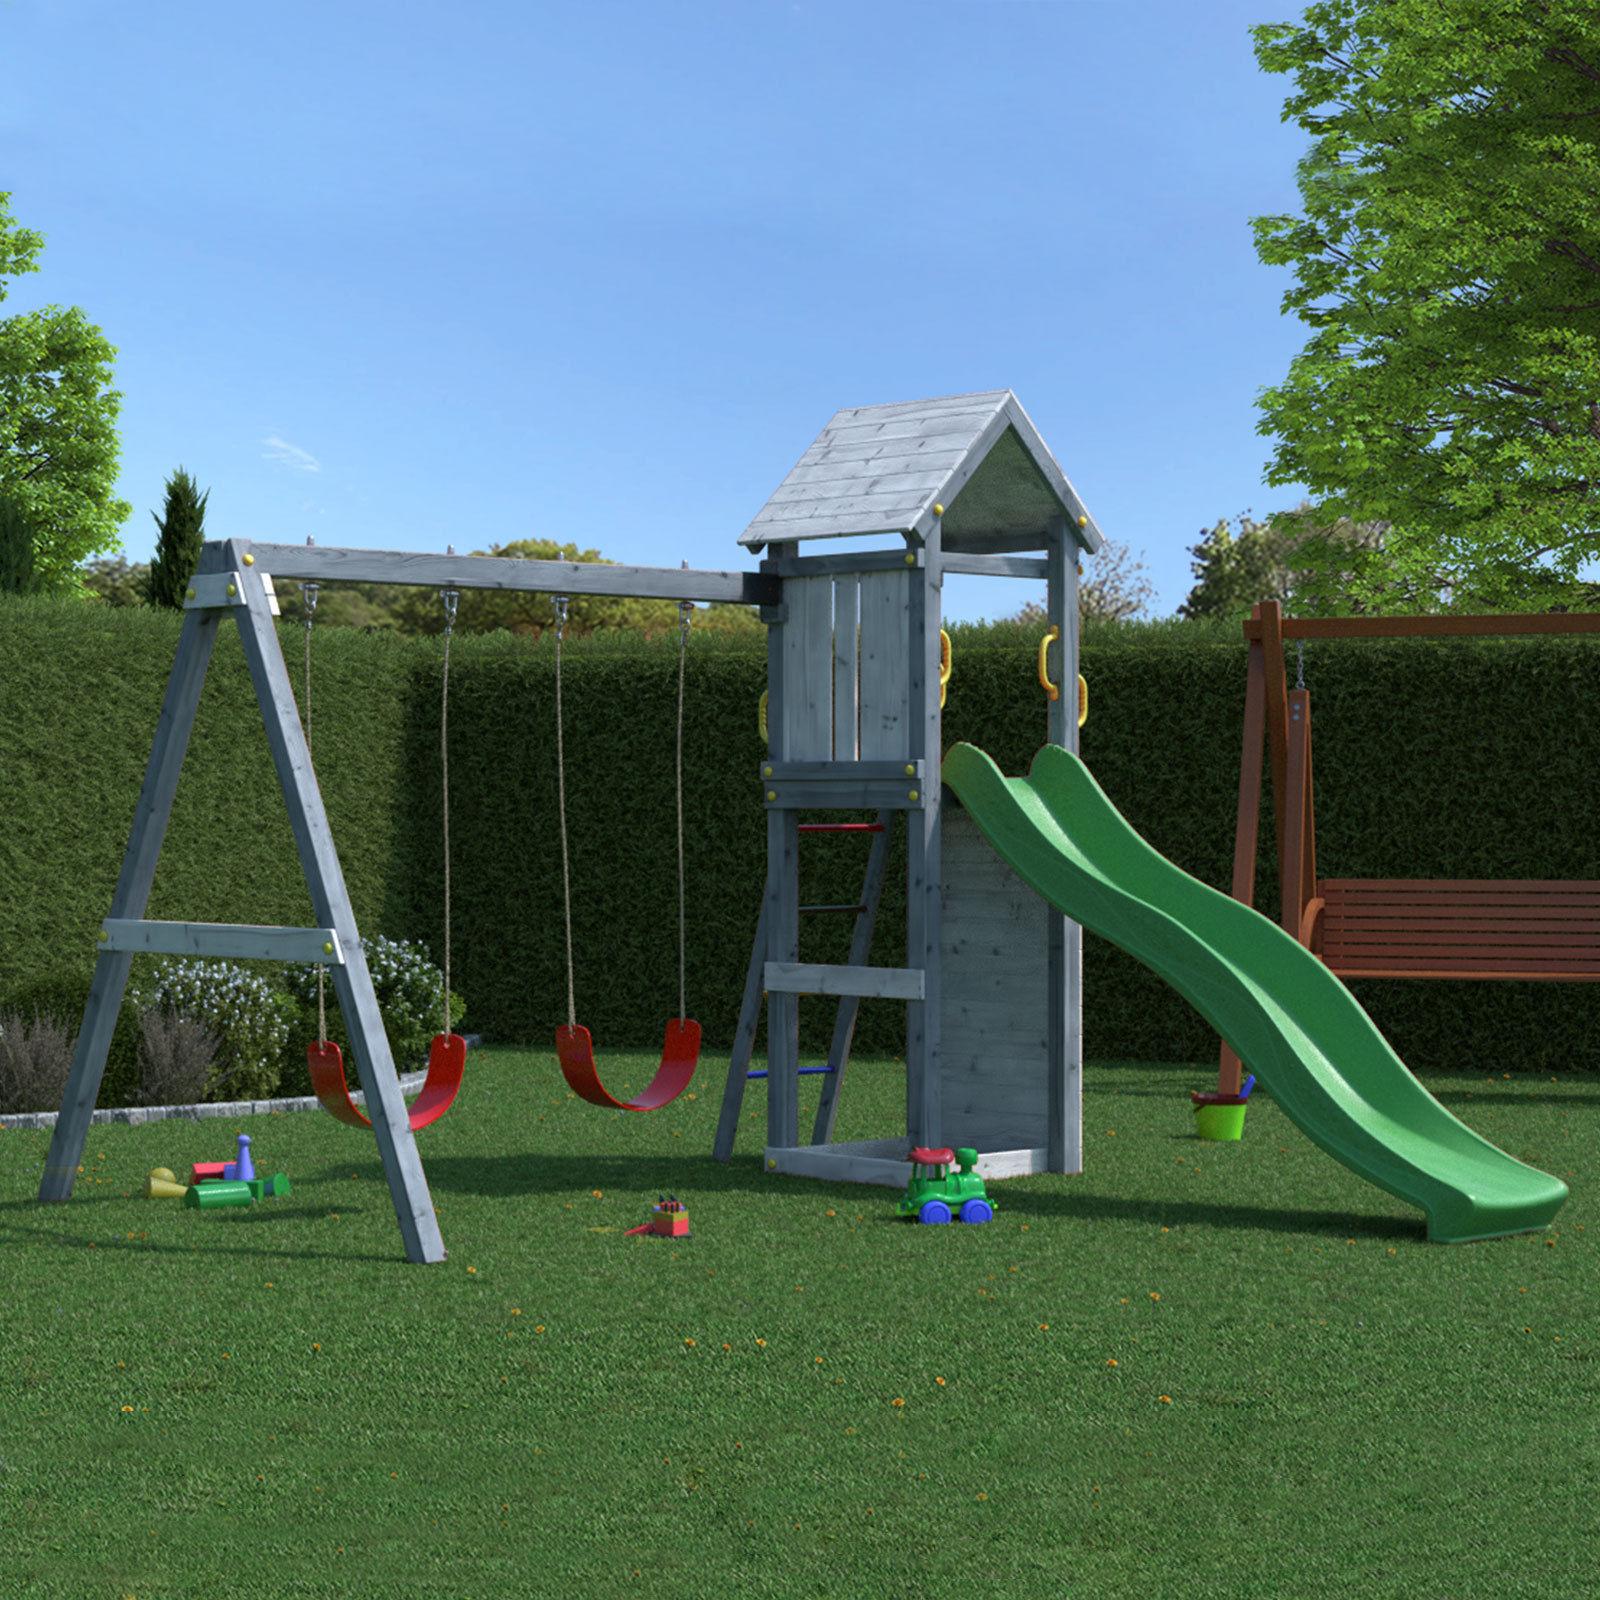 Hori Kinder Spielturm Kletterturm Spielhaus Kletterwand Rutsche